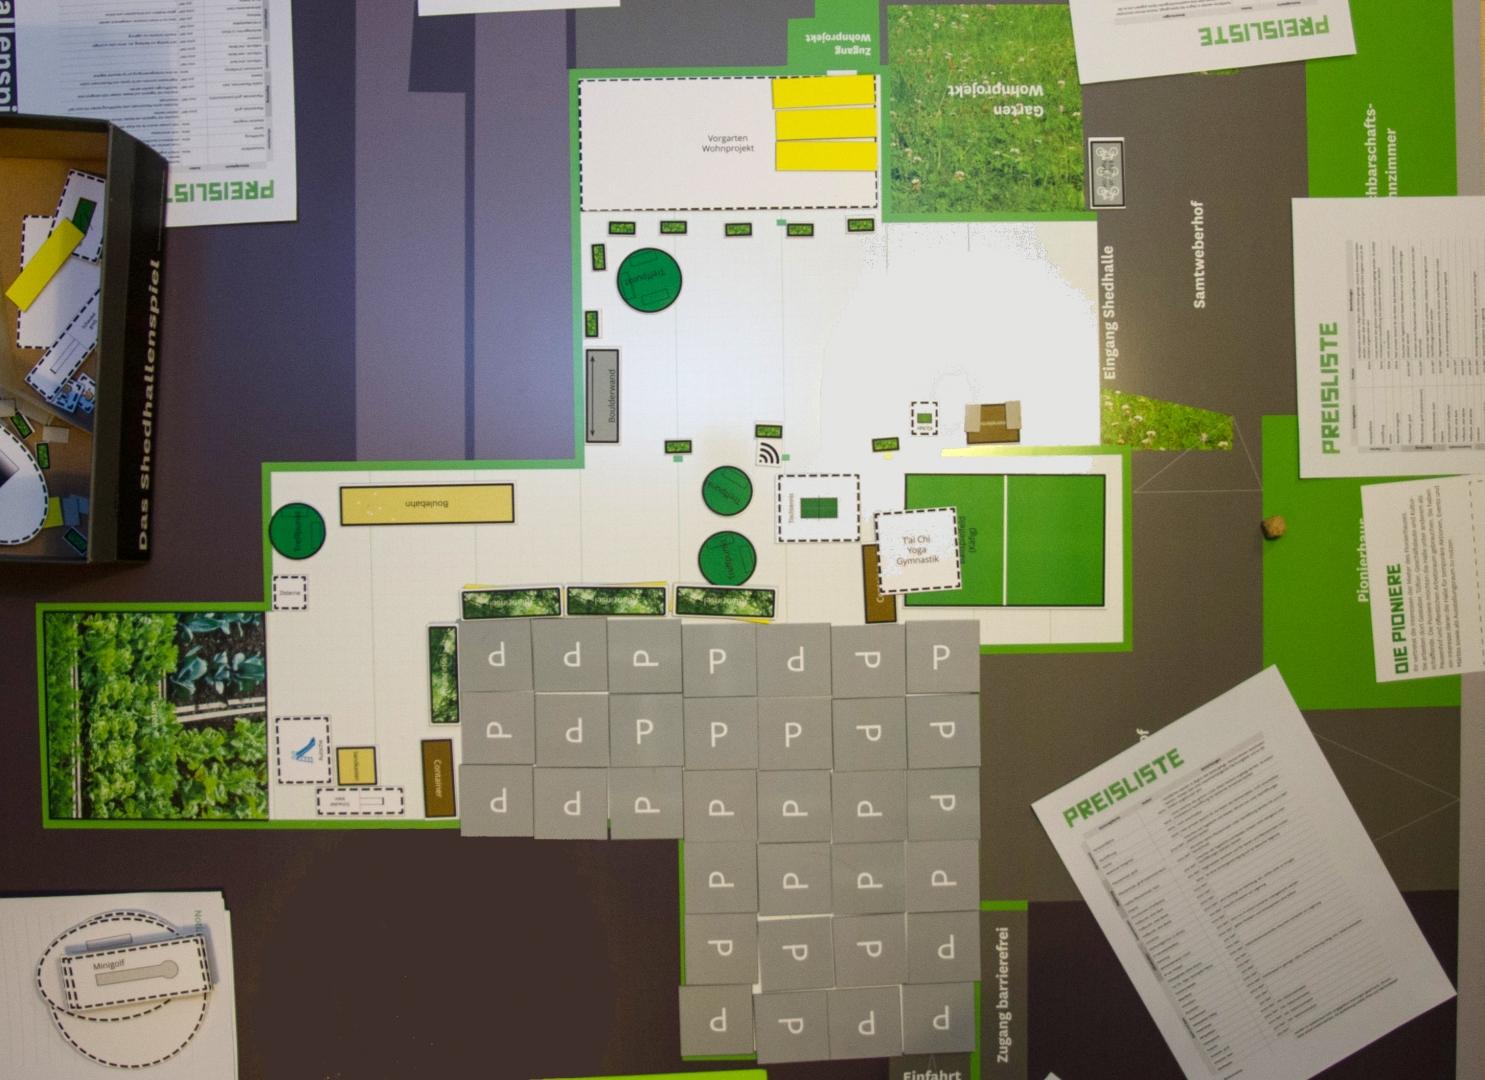 spielen planen zukunft schaffen samtweberviertel und alte samtweberei. Black Bedroom Furniture Sets. Home Design Ideas